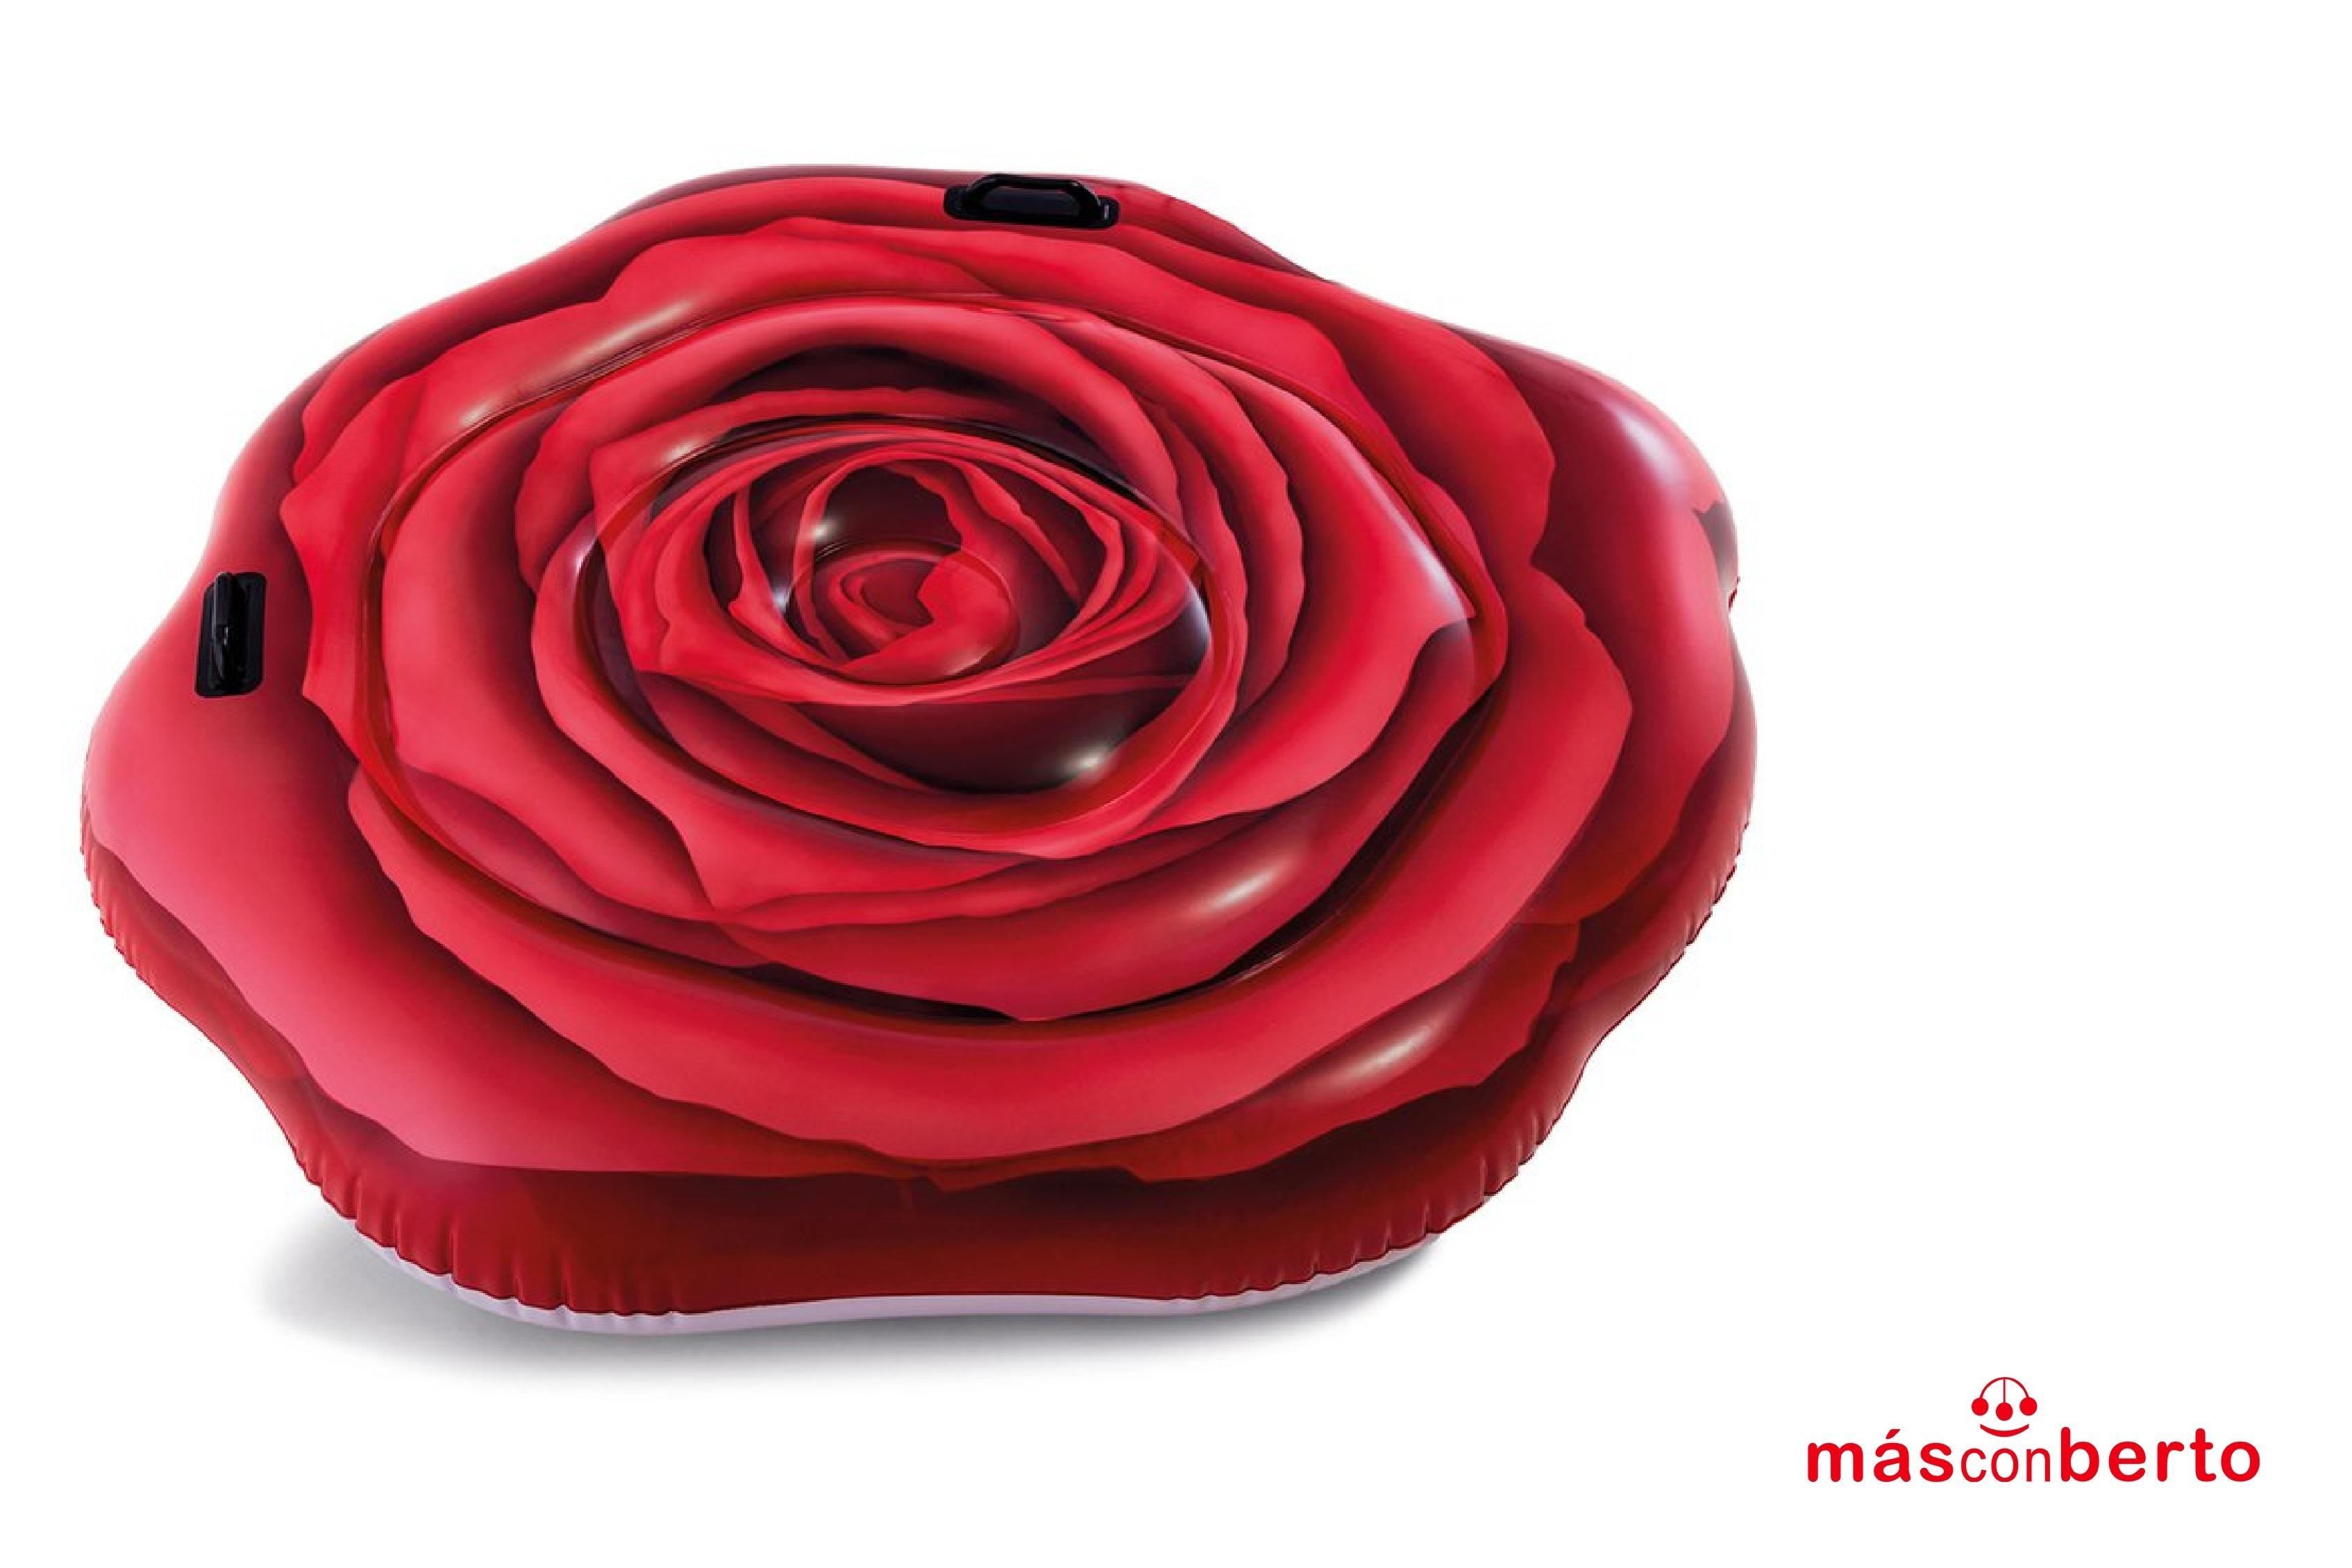 Flotador Rosa Roja Intex